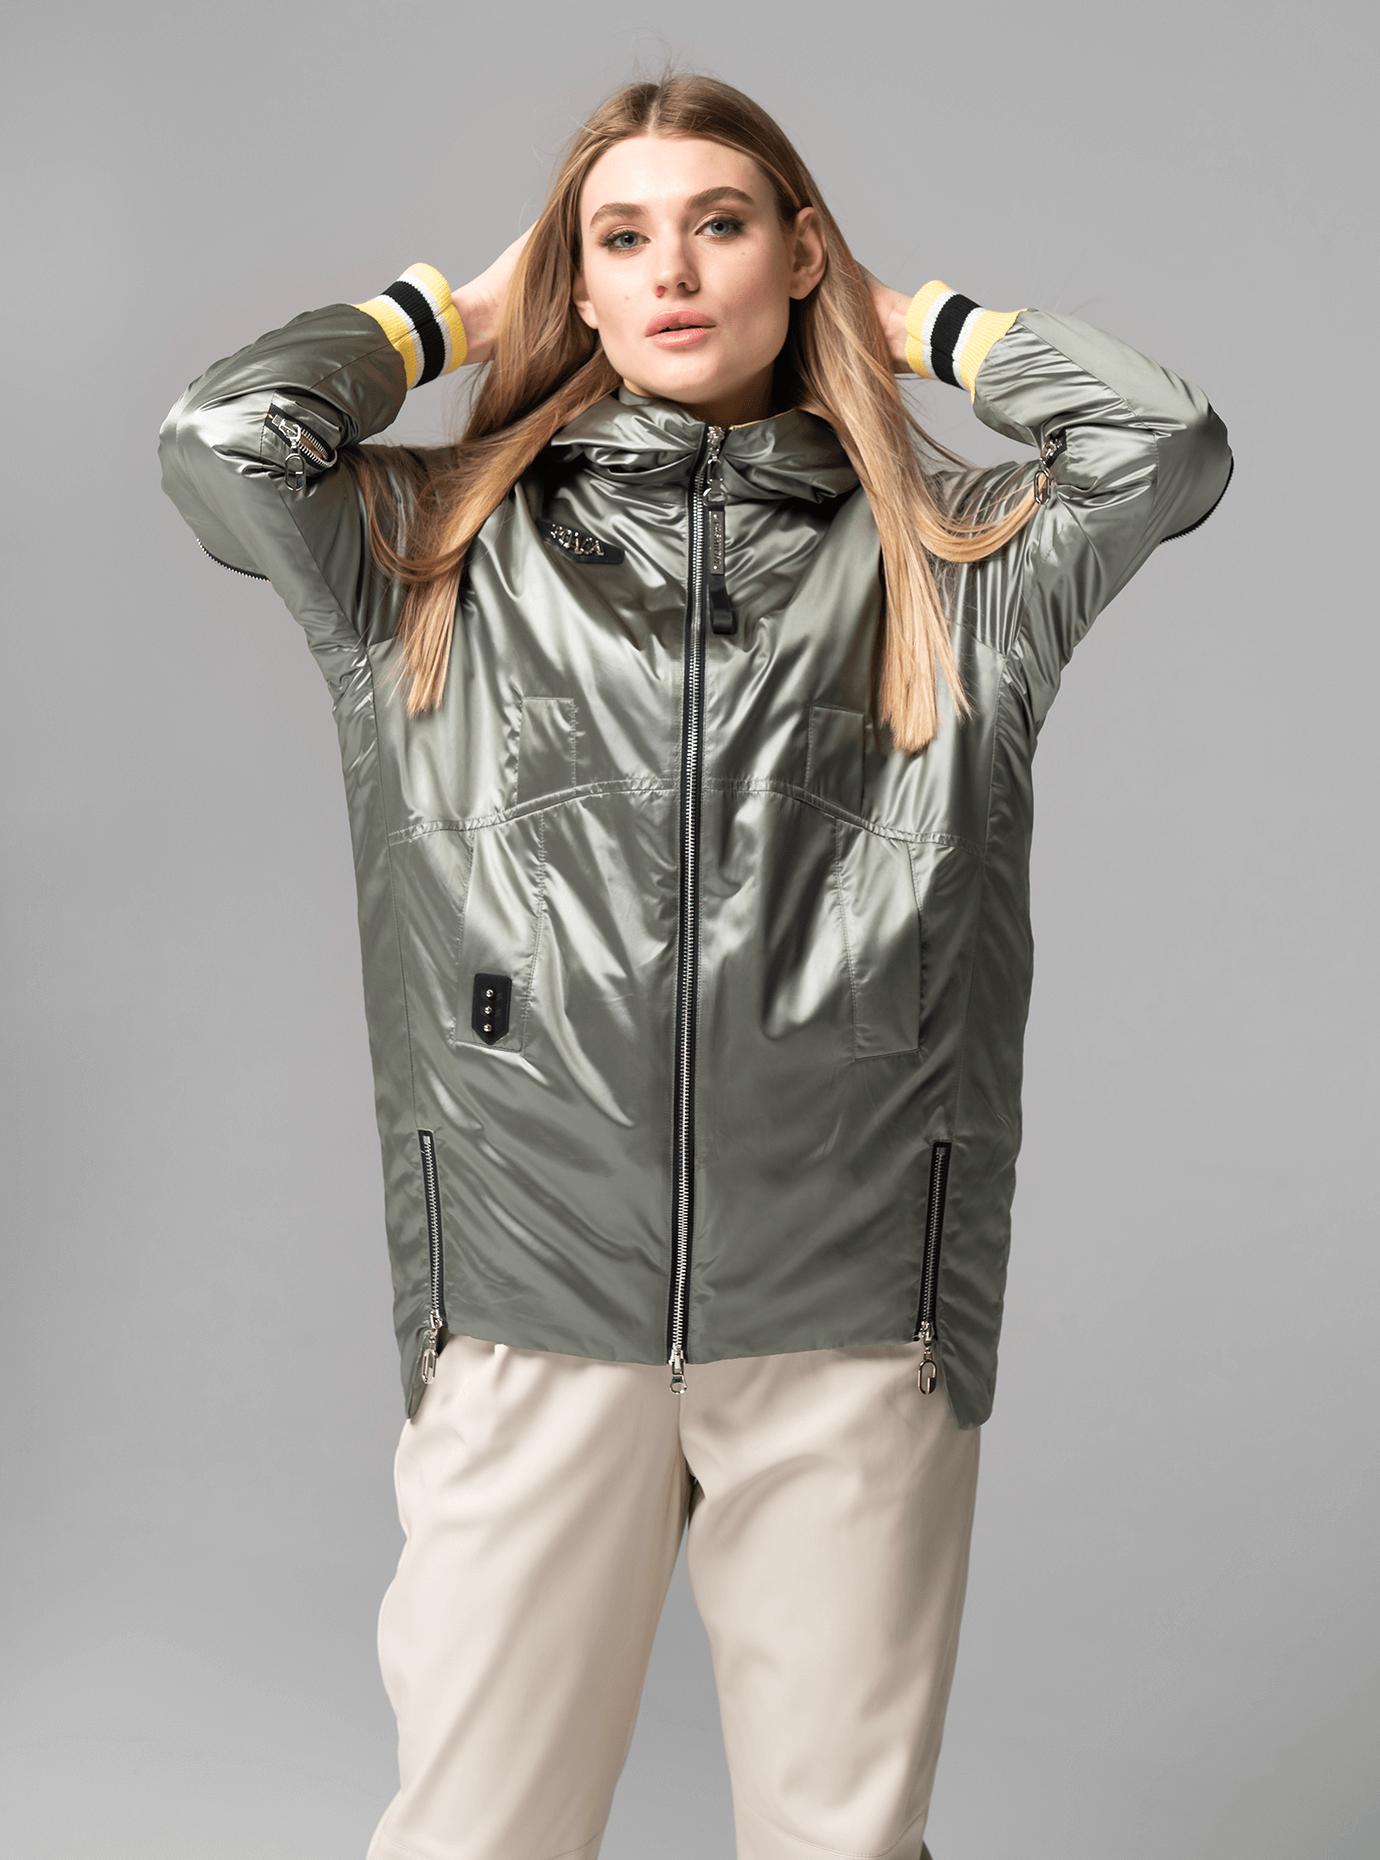 Куртка демисезонная средней длины с манжетами Оливковый M (02-V191087): фото - Alster.ua